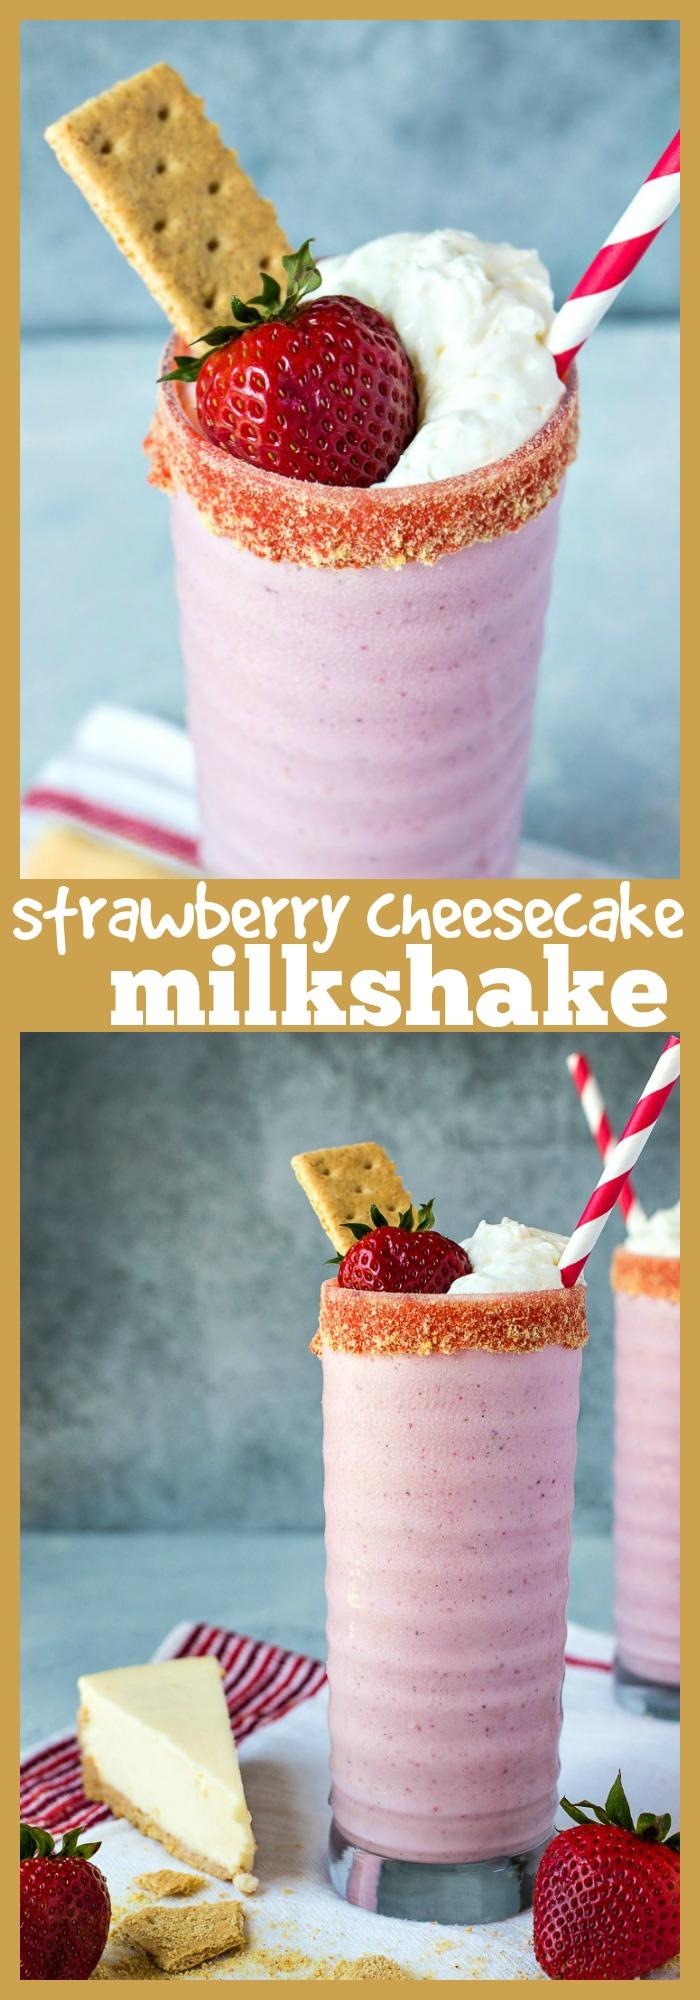 Strawberry Cheesecake Milkshake photo collage